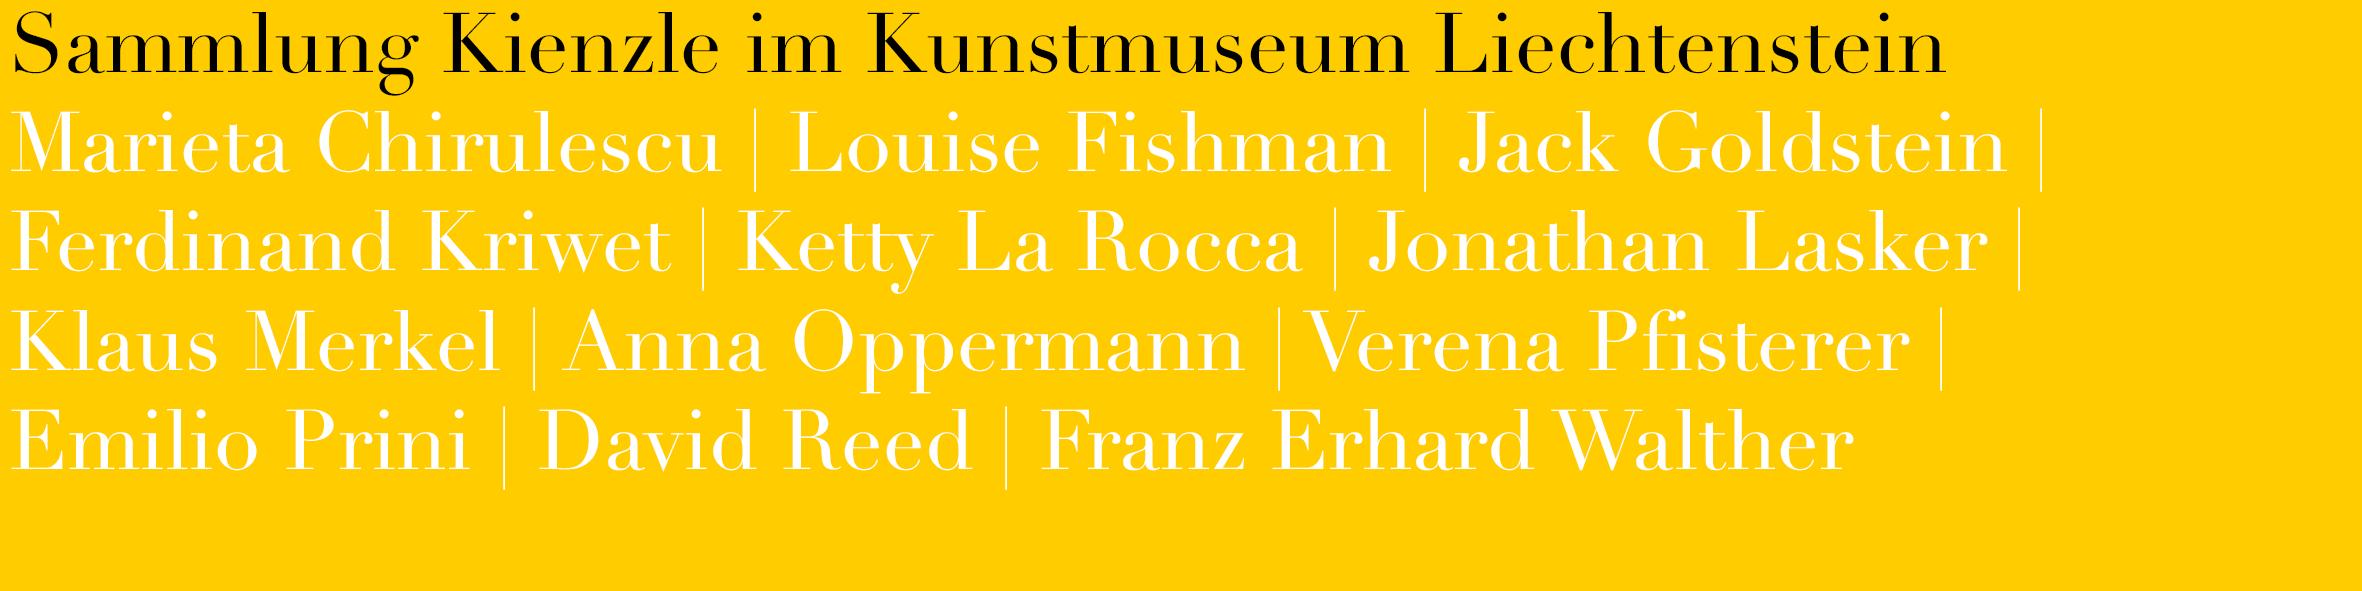 001_KunstmuseumLiechtenstein.png